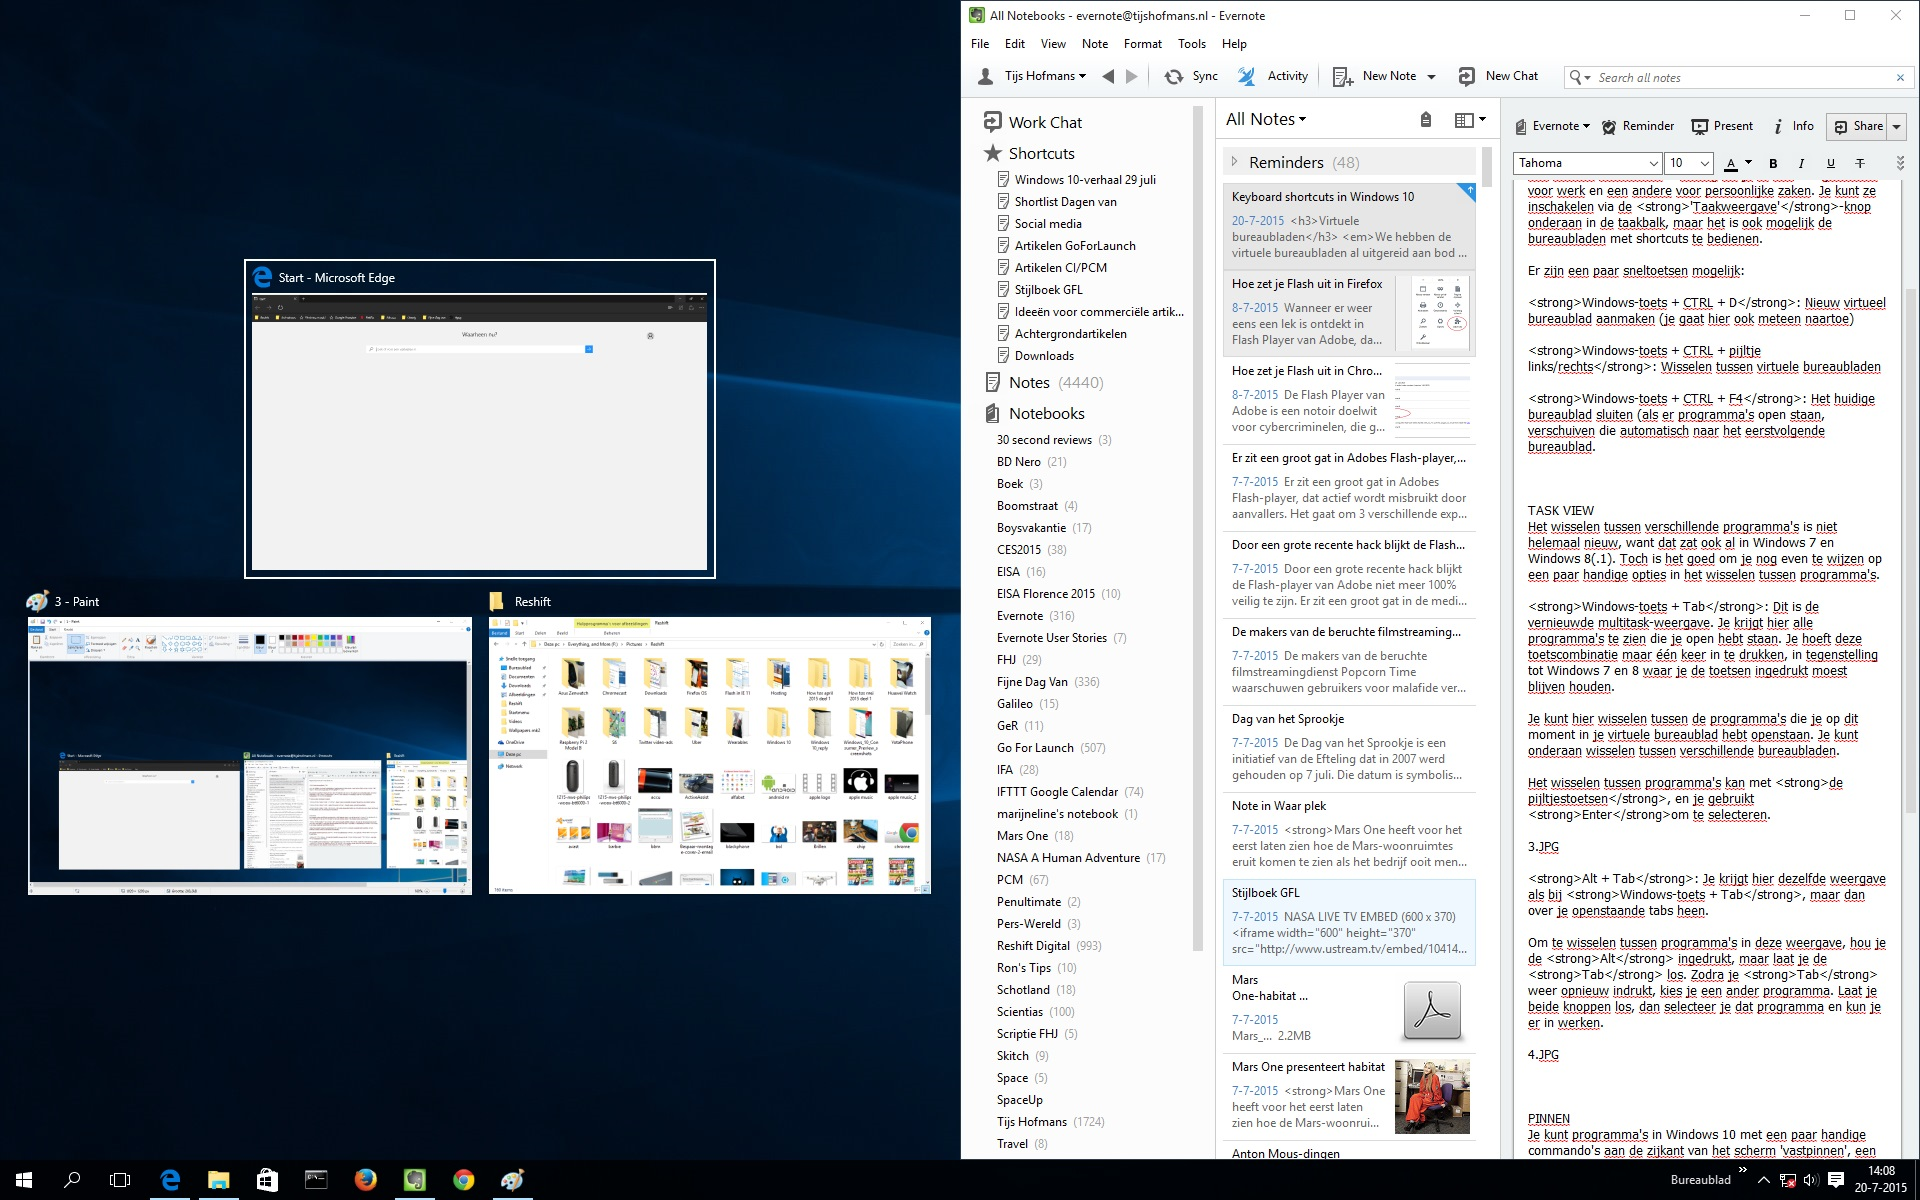 muis doet het niet meer windows 10